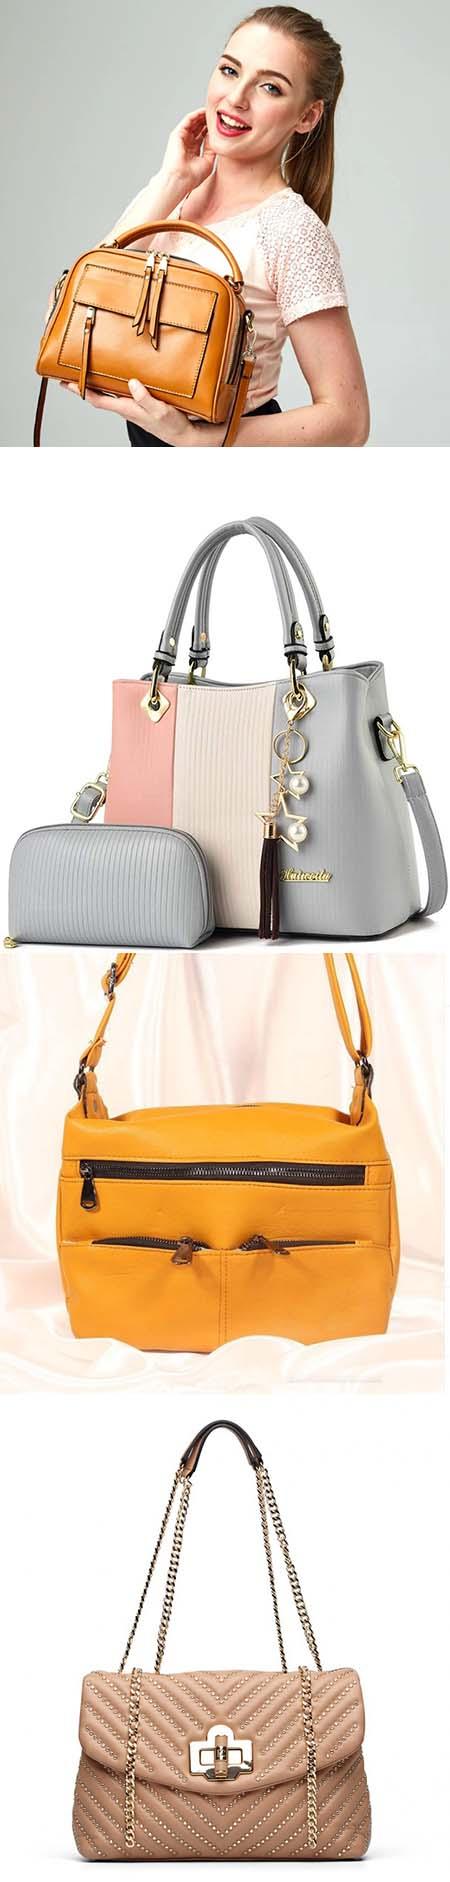 مدلهای زیبا کیف دوشی زنانه , کیف دوشی زنانه, کیف دوشی زنانه چرمی